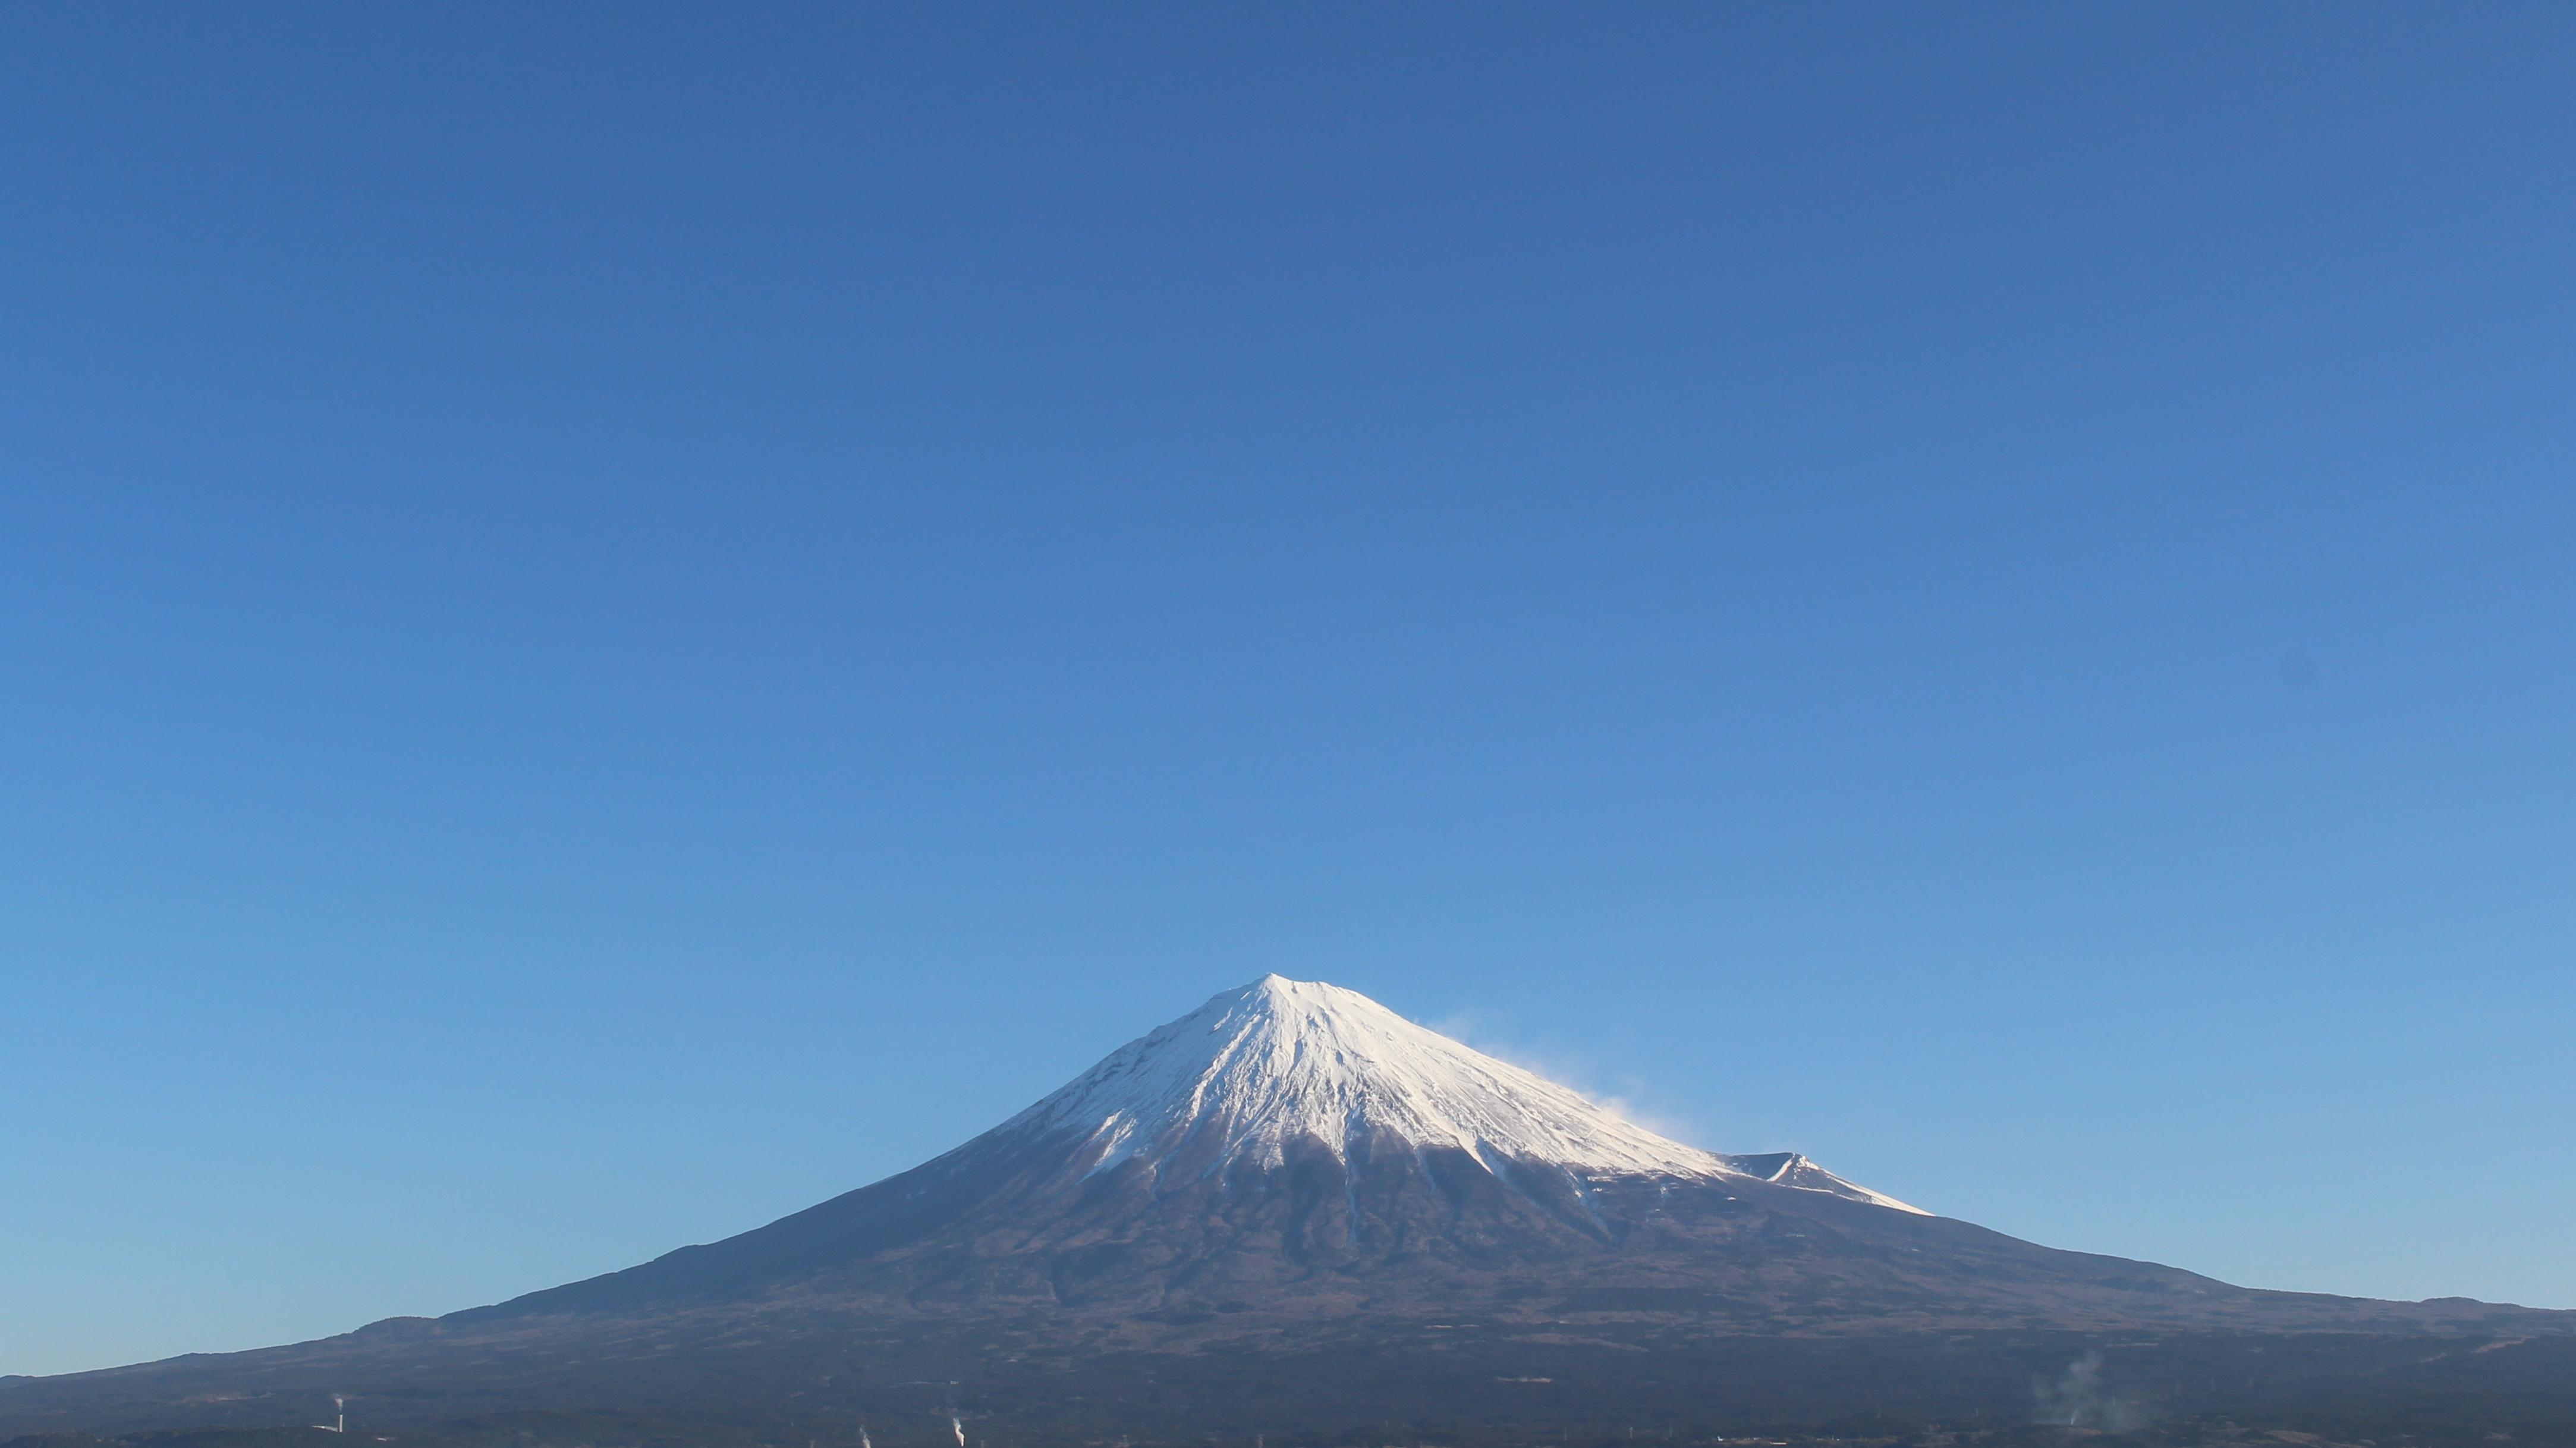 2017年1月11日の富士山の写真